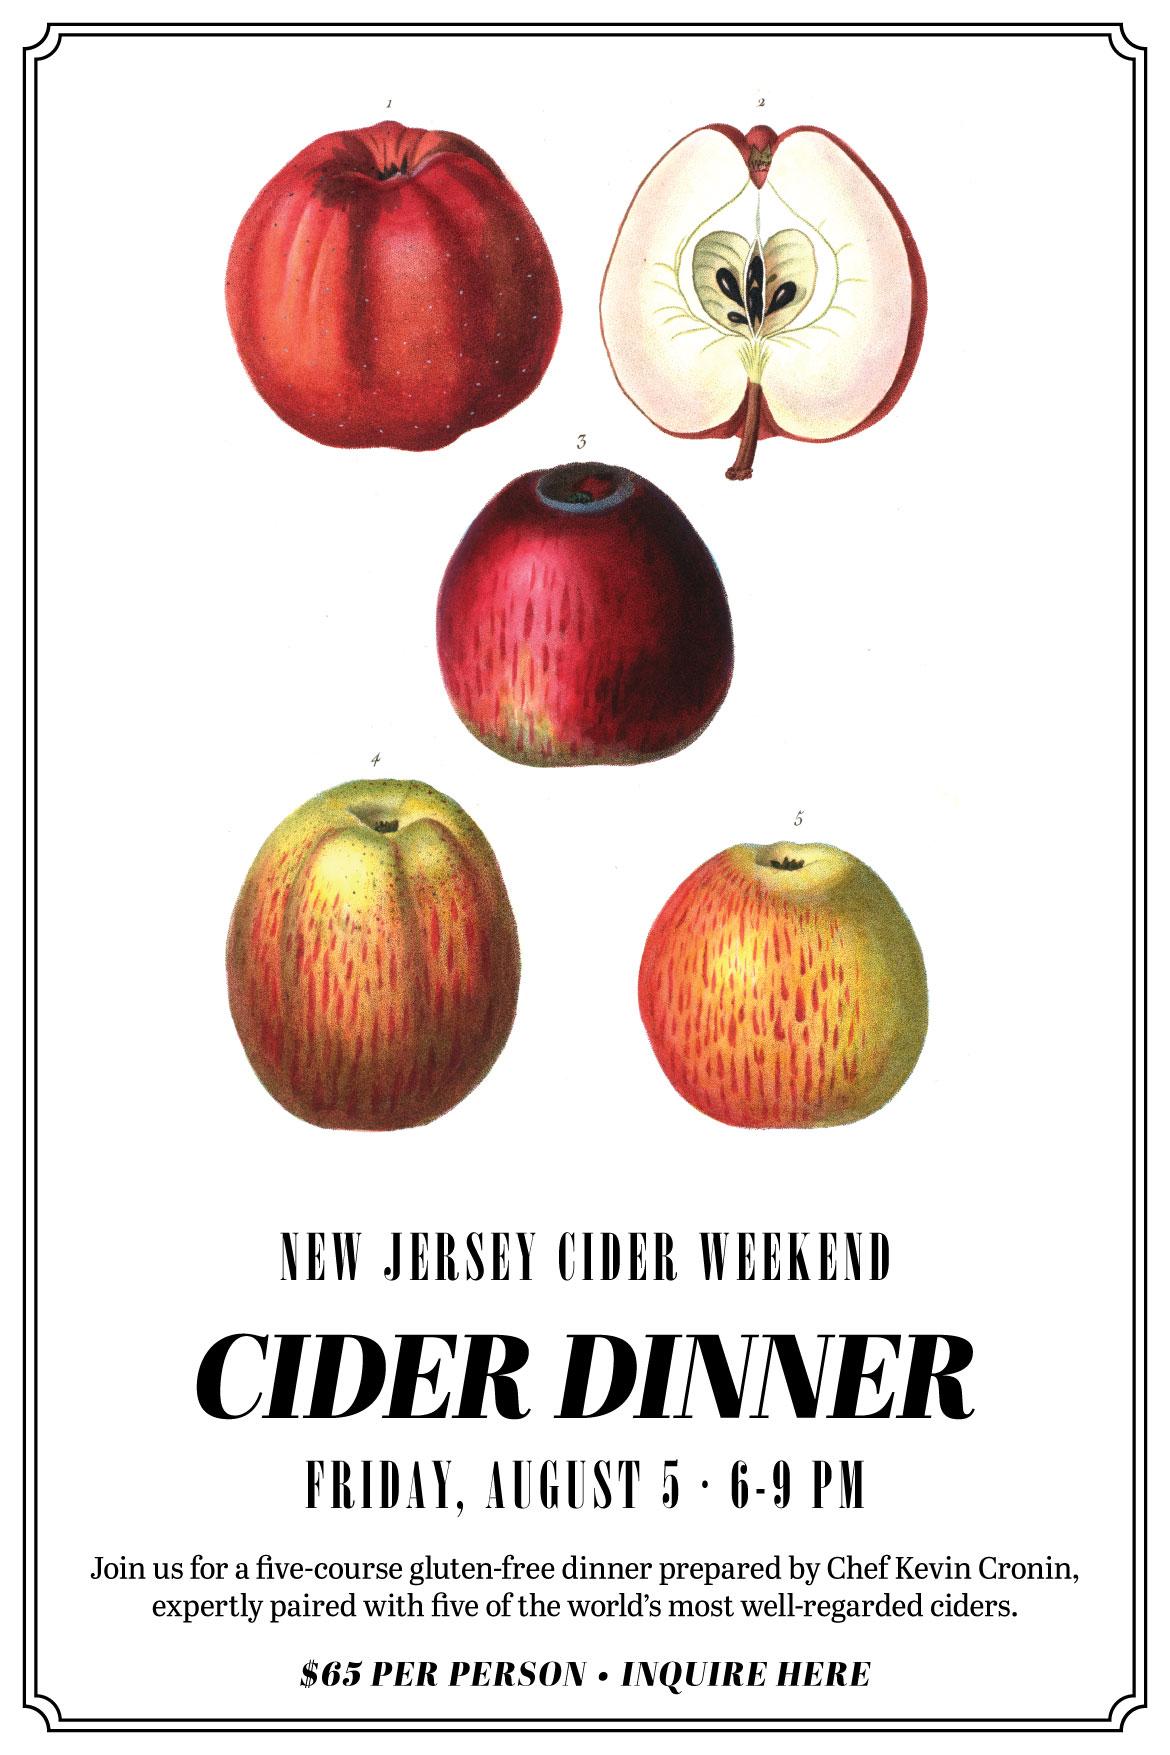 ac-bottle-co_nj-cider-weekend-cider-dinner-posters_07-20-16